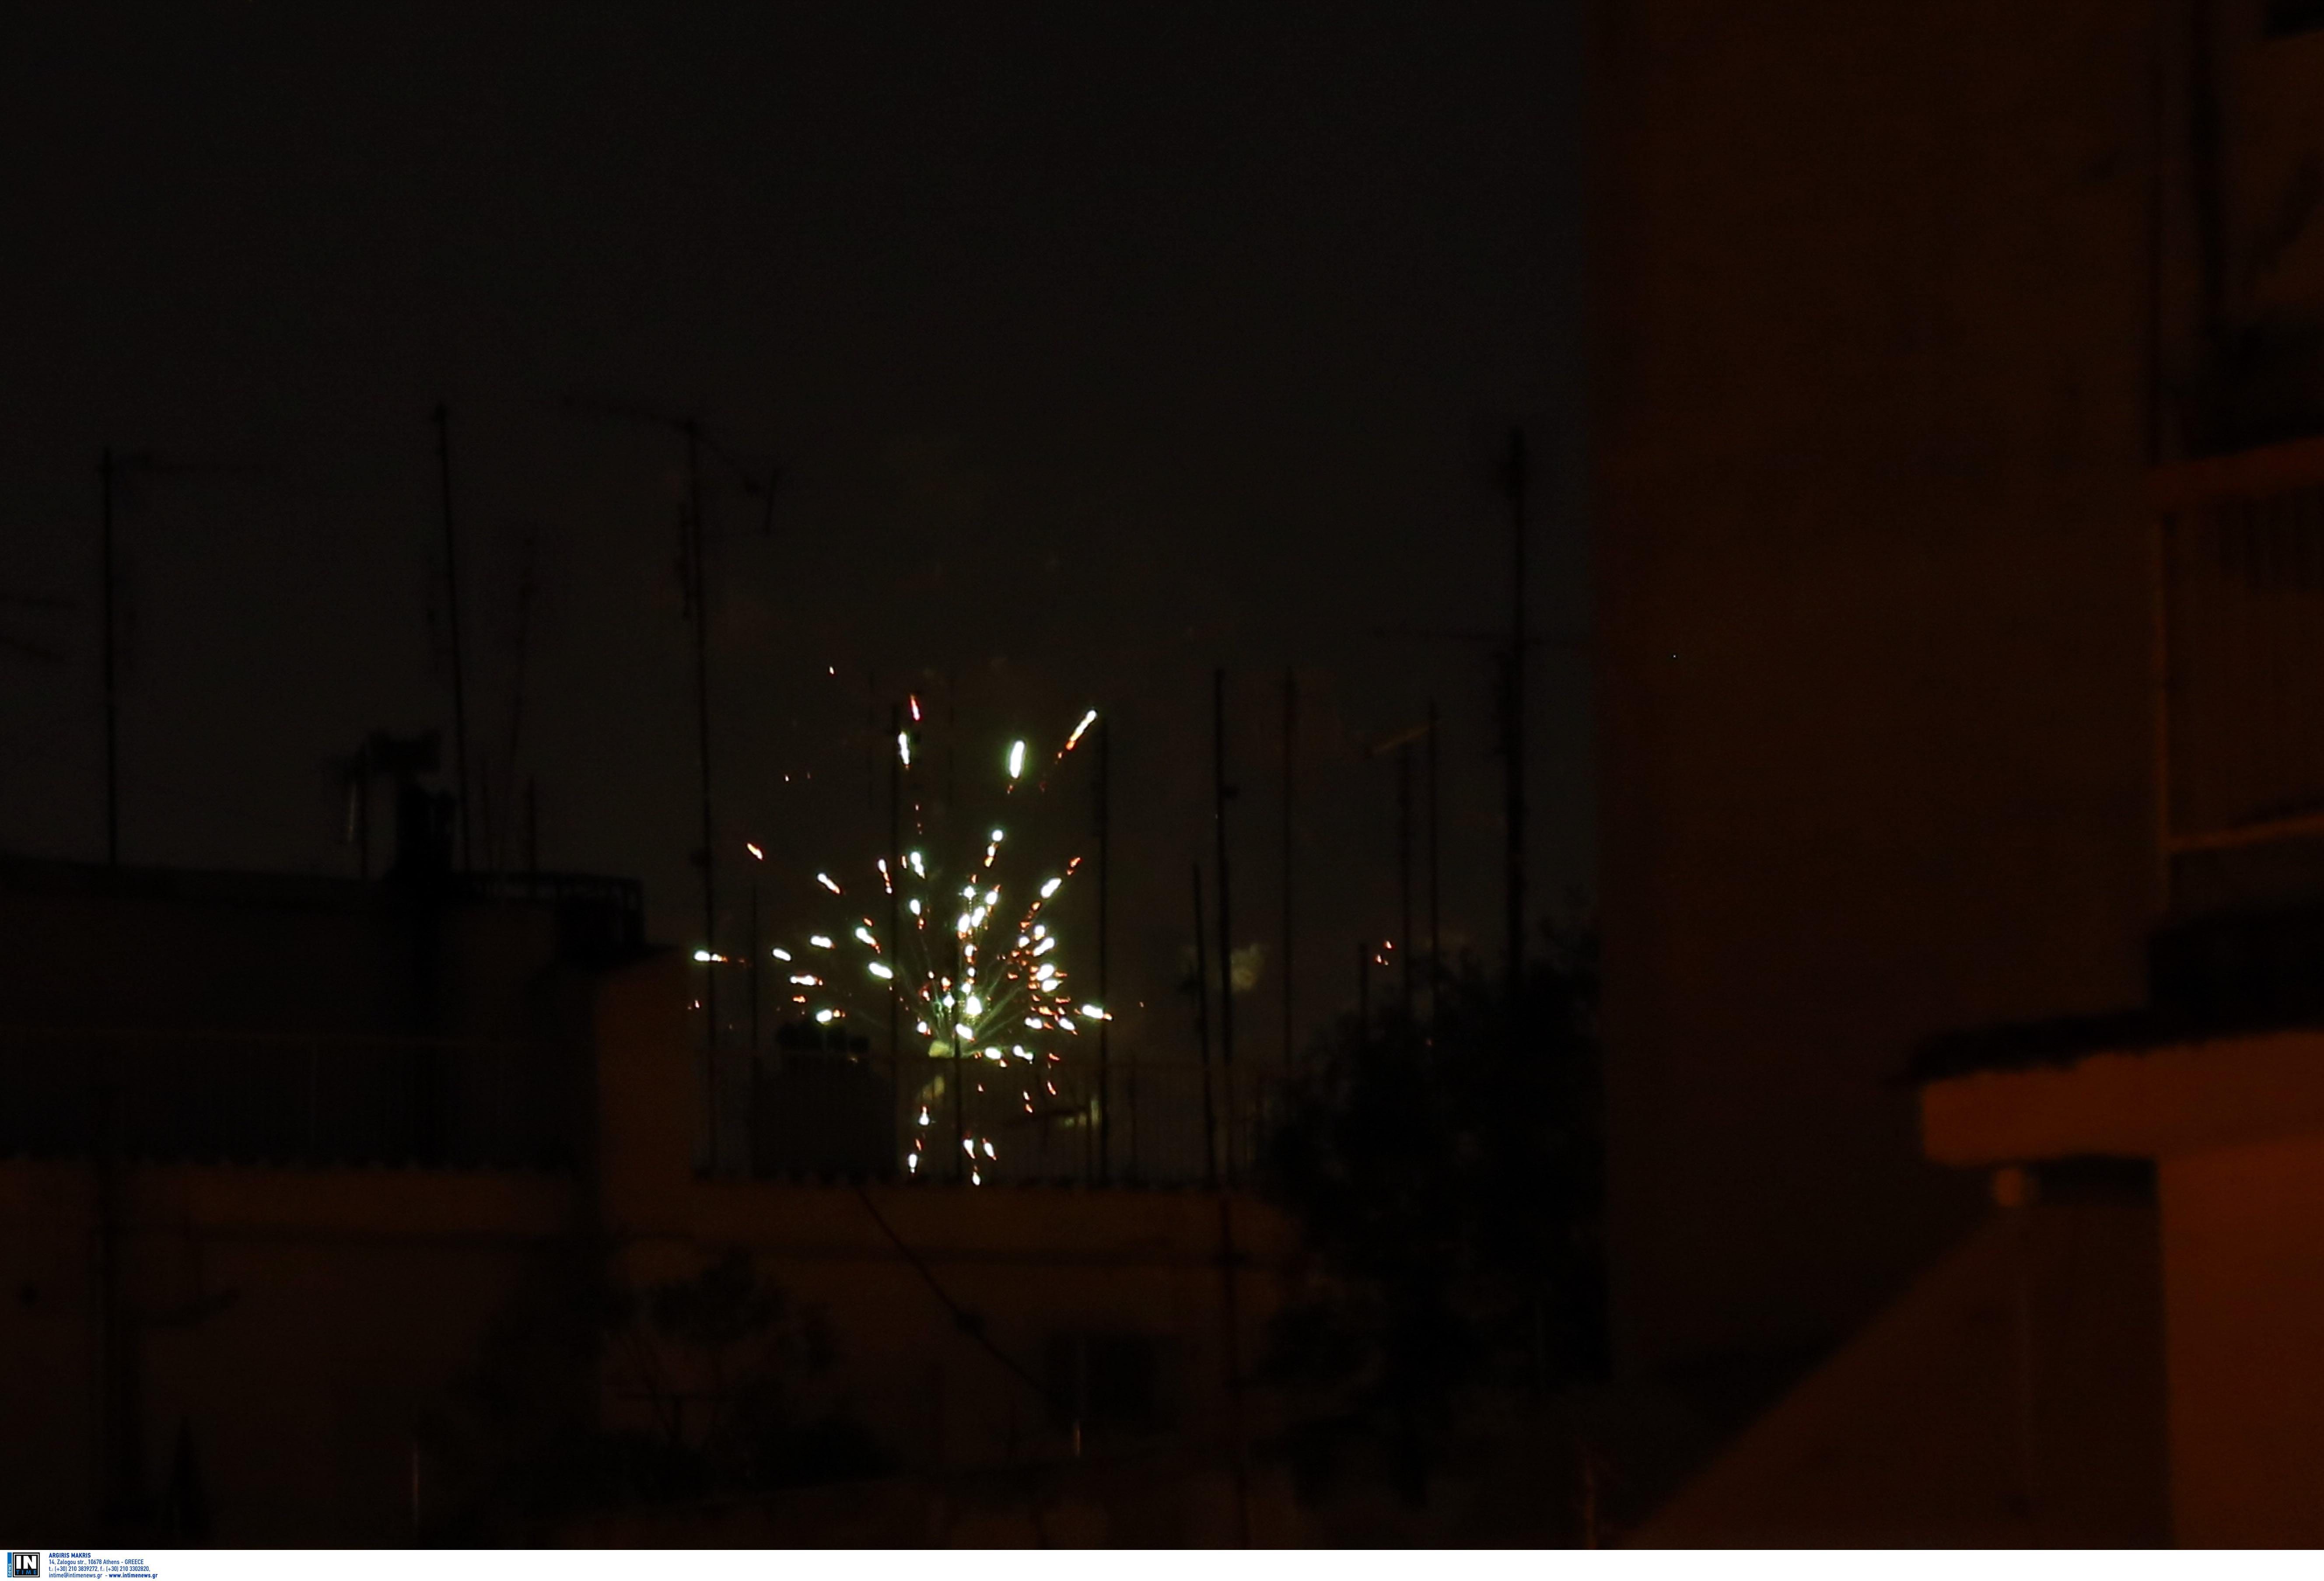 Η Θεσσαλονίκη υποδέχθηκε το 2021 με χιλιάδες πυροτεχνήματα, φωτογραφία-3